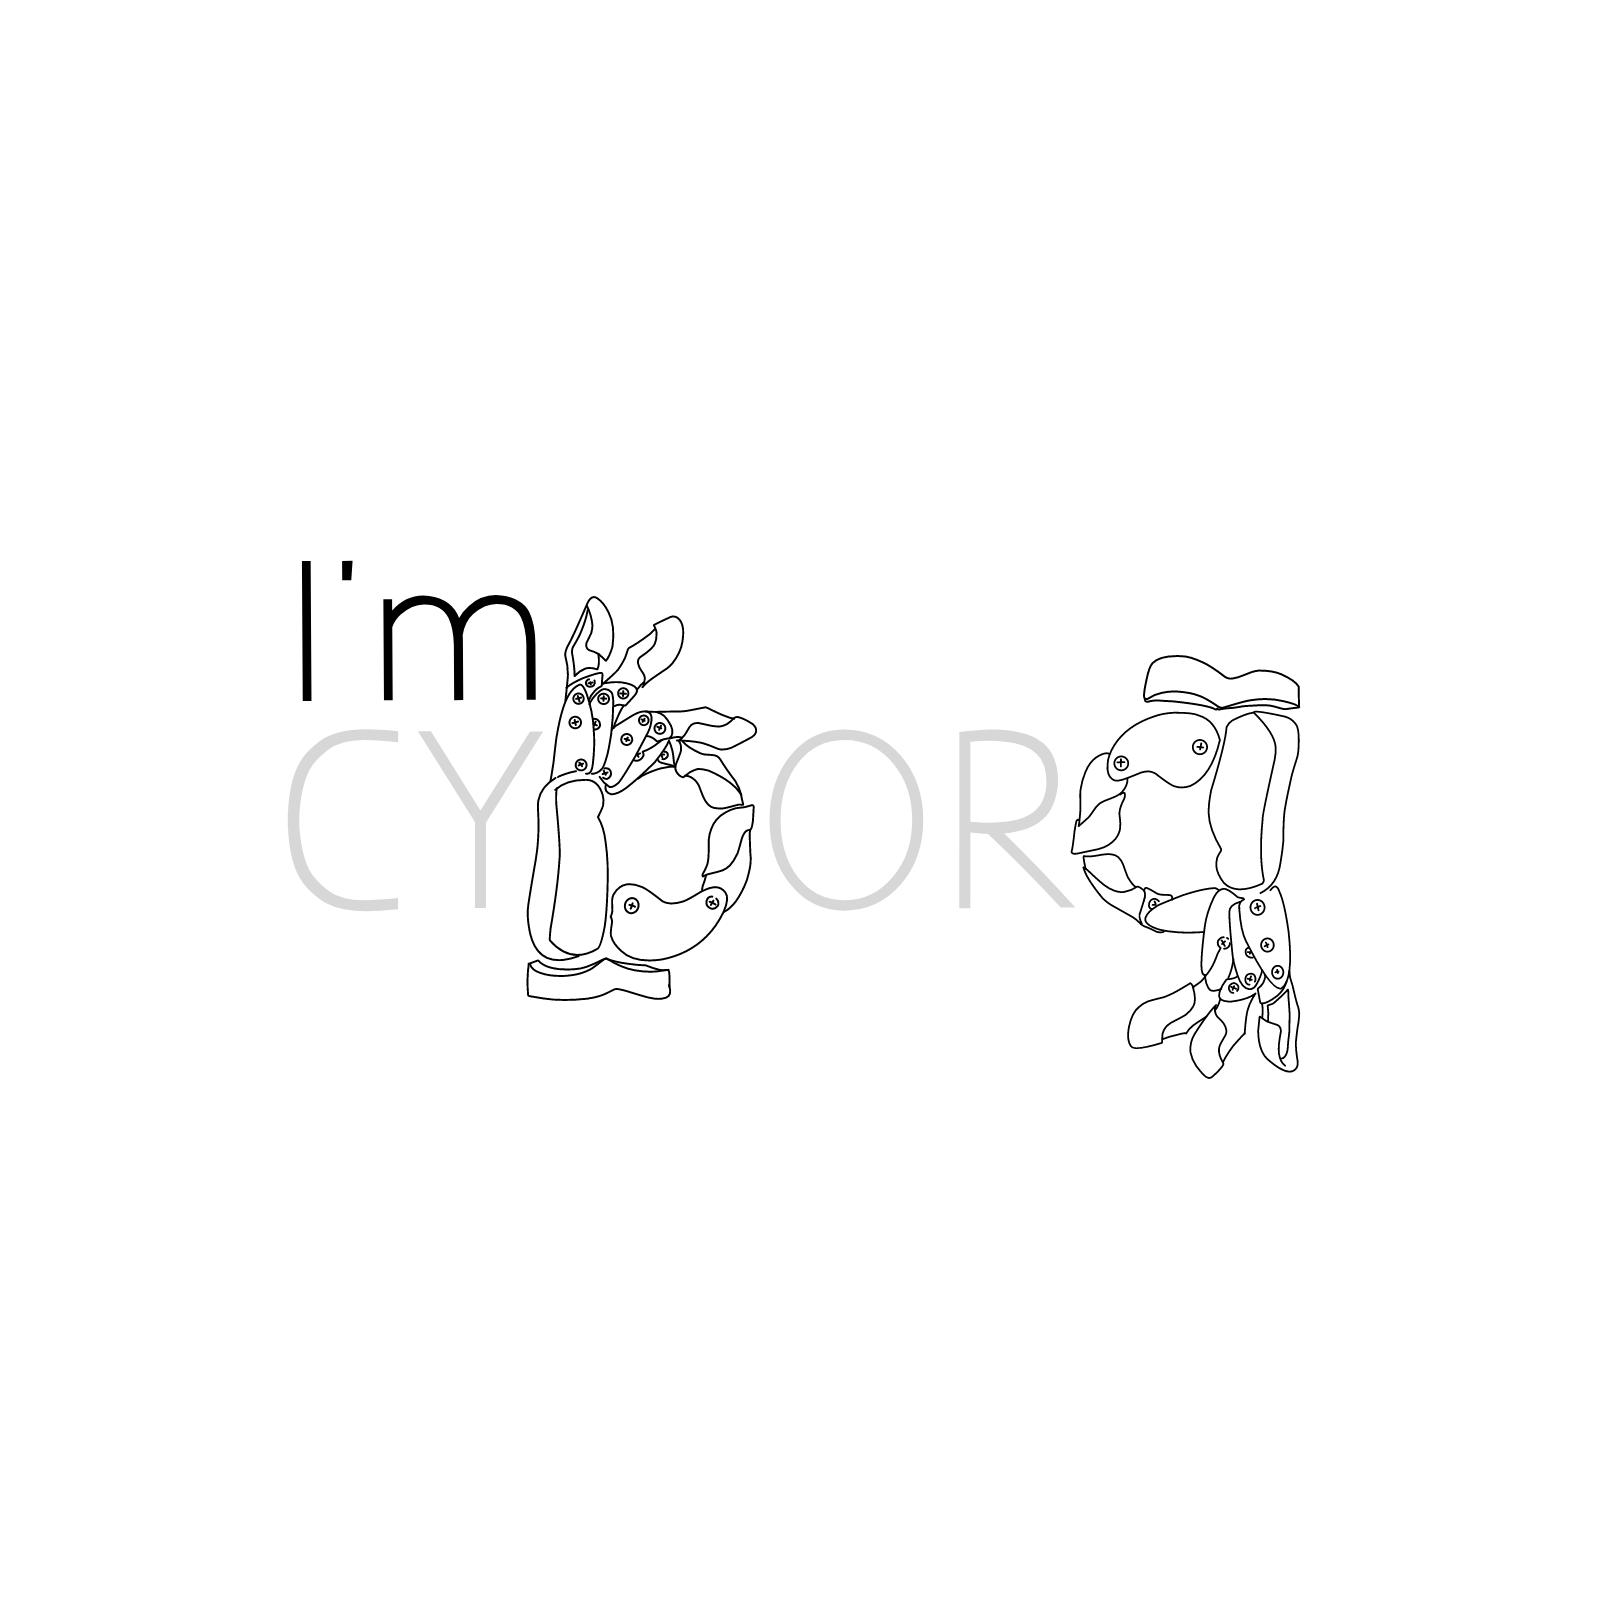 Нарисовать принты на футболки для компании Моторика фото f_09160a651e4e65dc.png